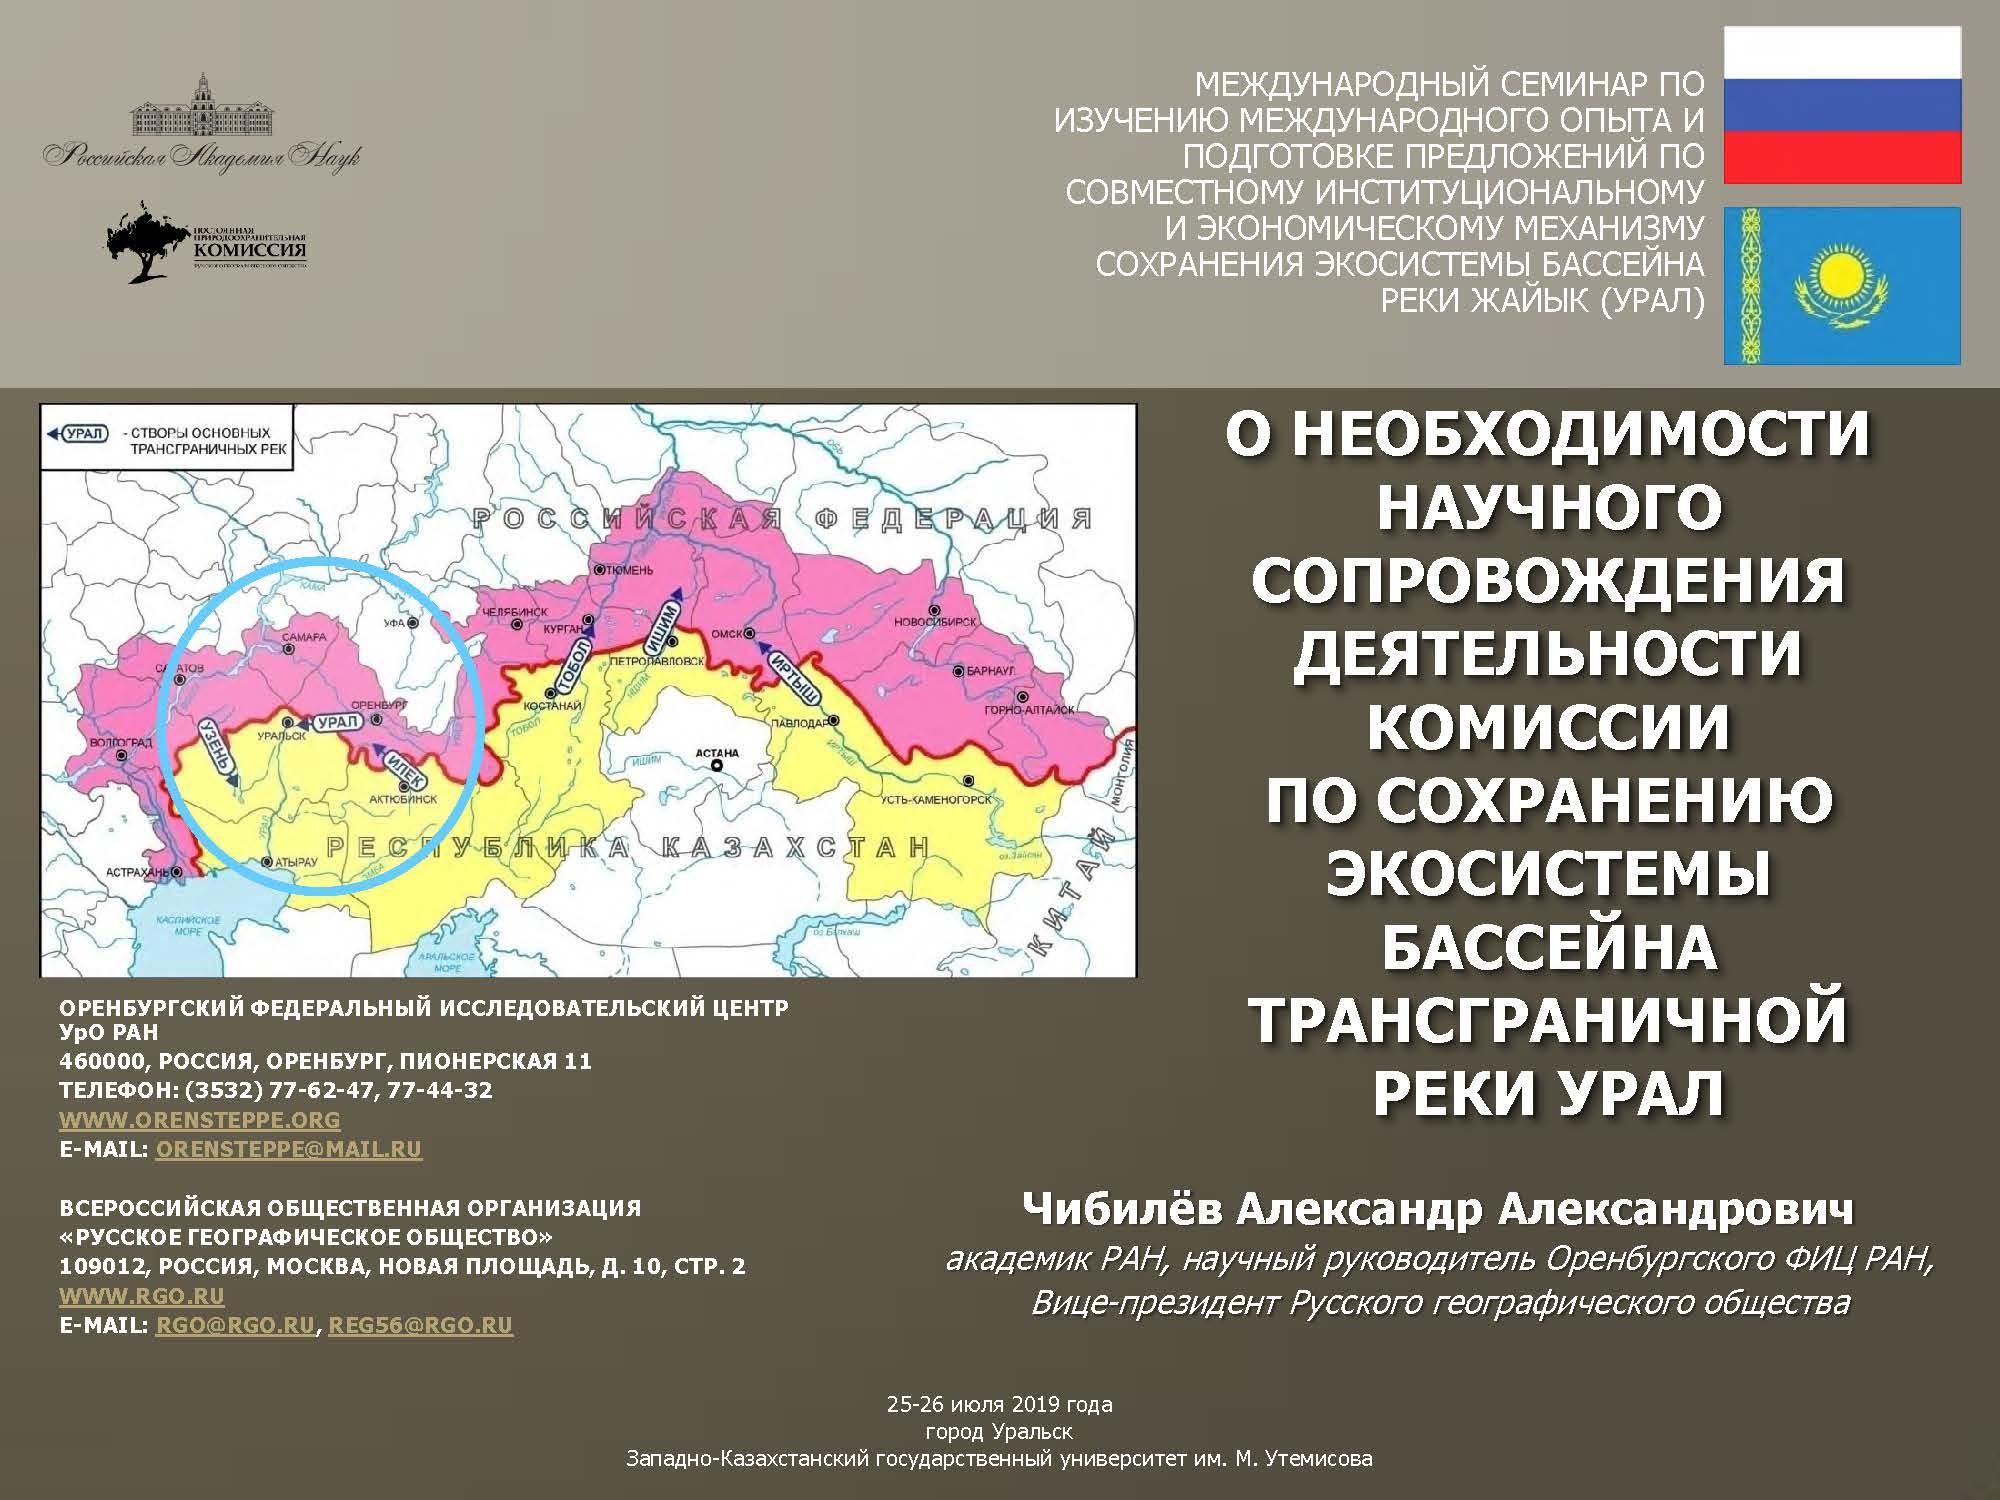 Доклад А. Чибилёва